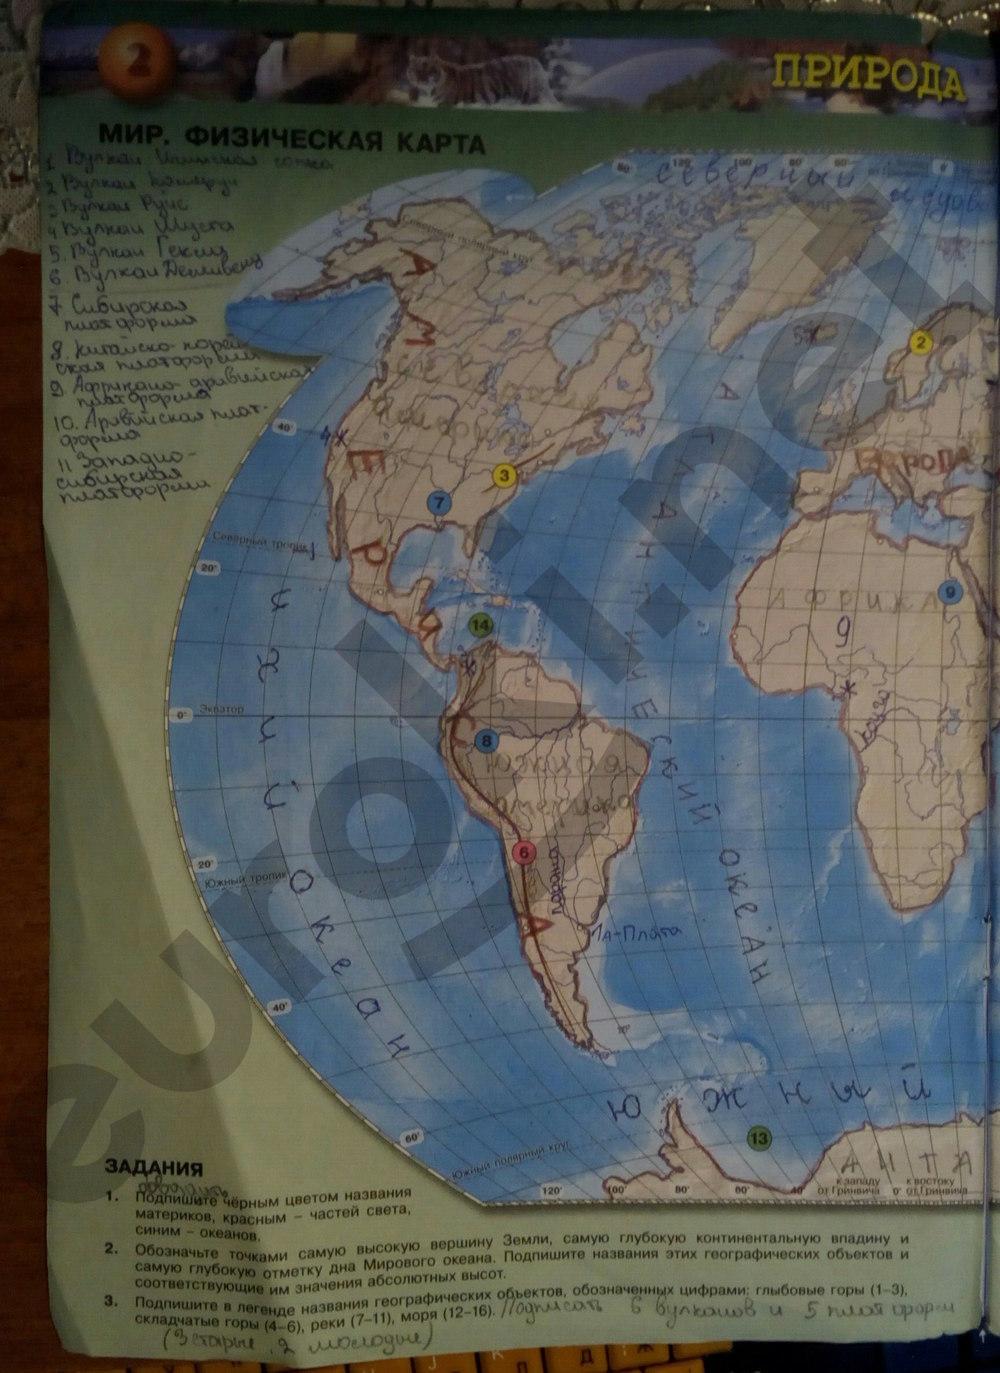 гдз класс географии сфера 7 по карты контурные